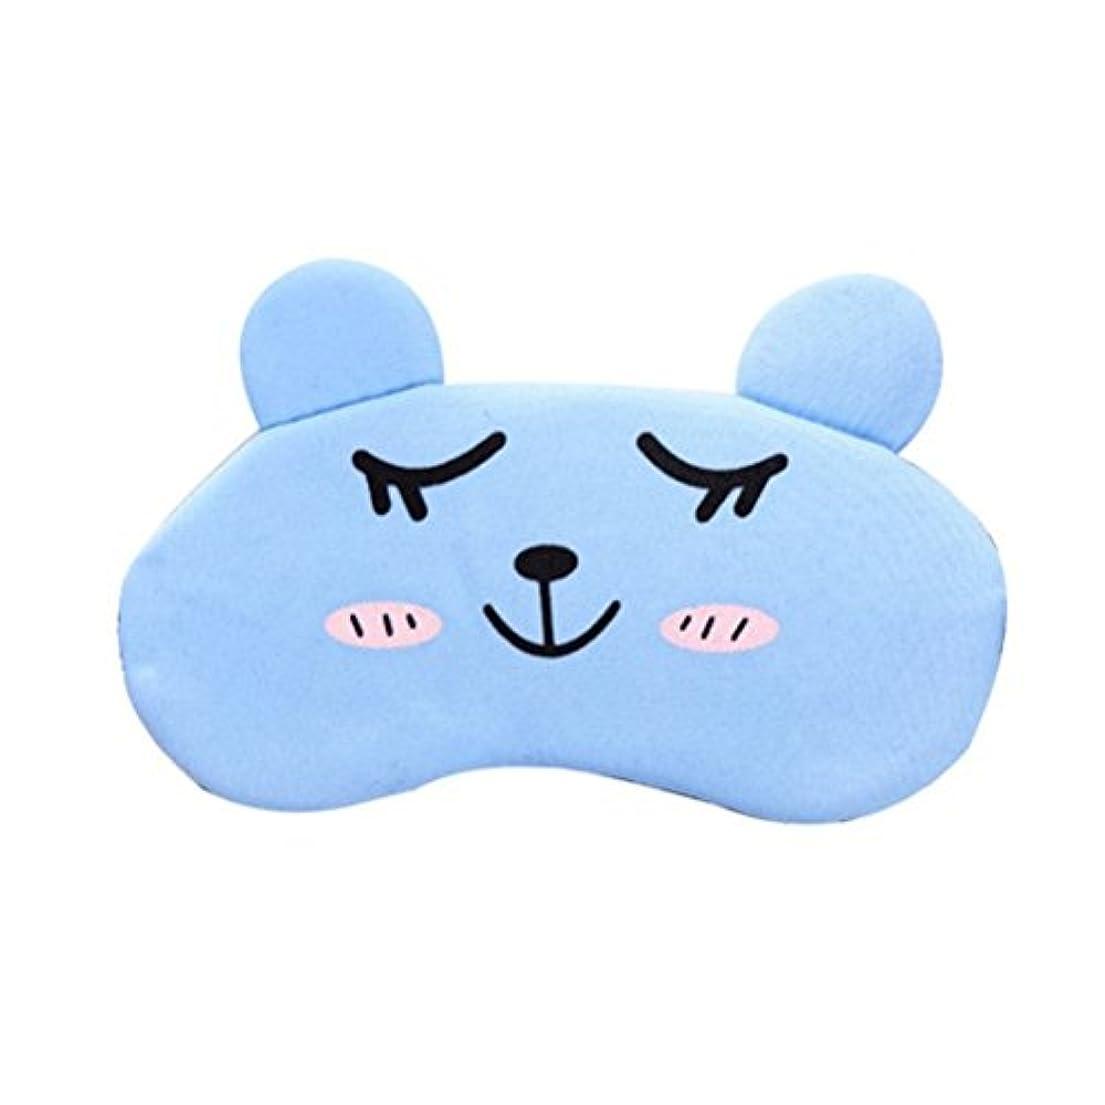 終了する駐地イベントROSENICE スリープマスク 睡眠昼寝の瞑想のための冷却アイシェード目隠し(青)